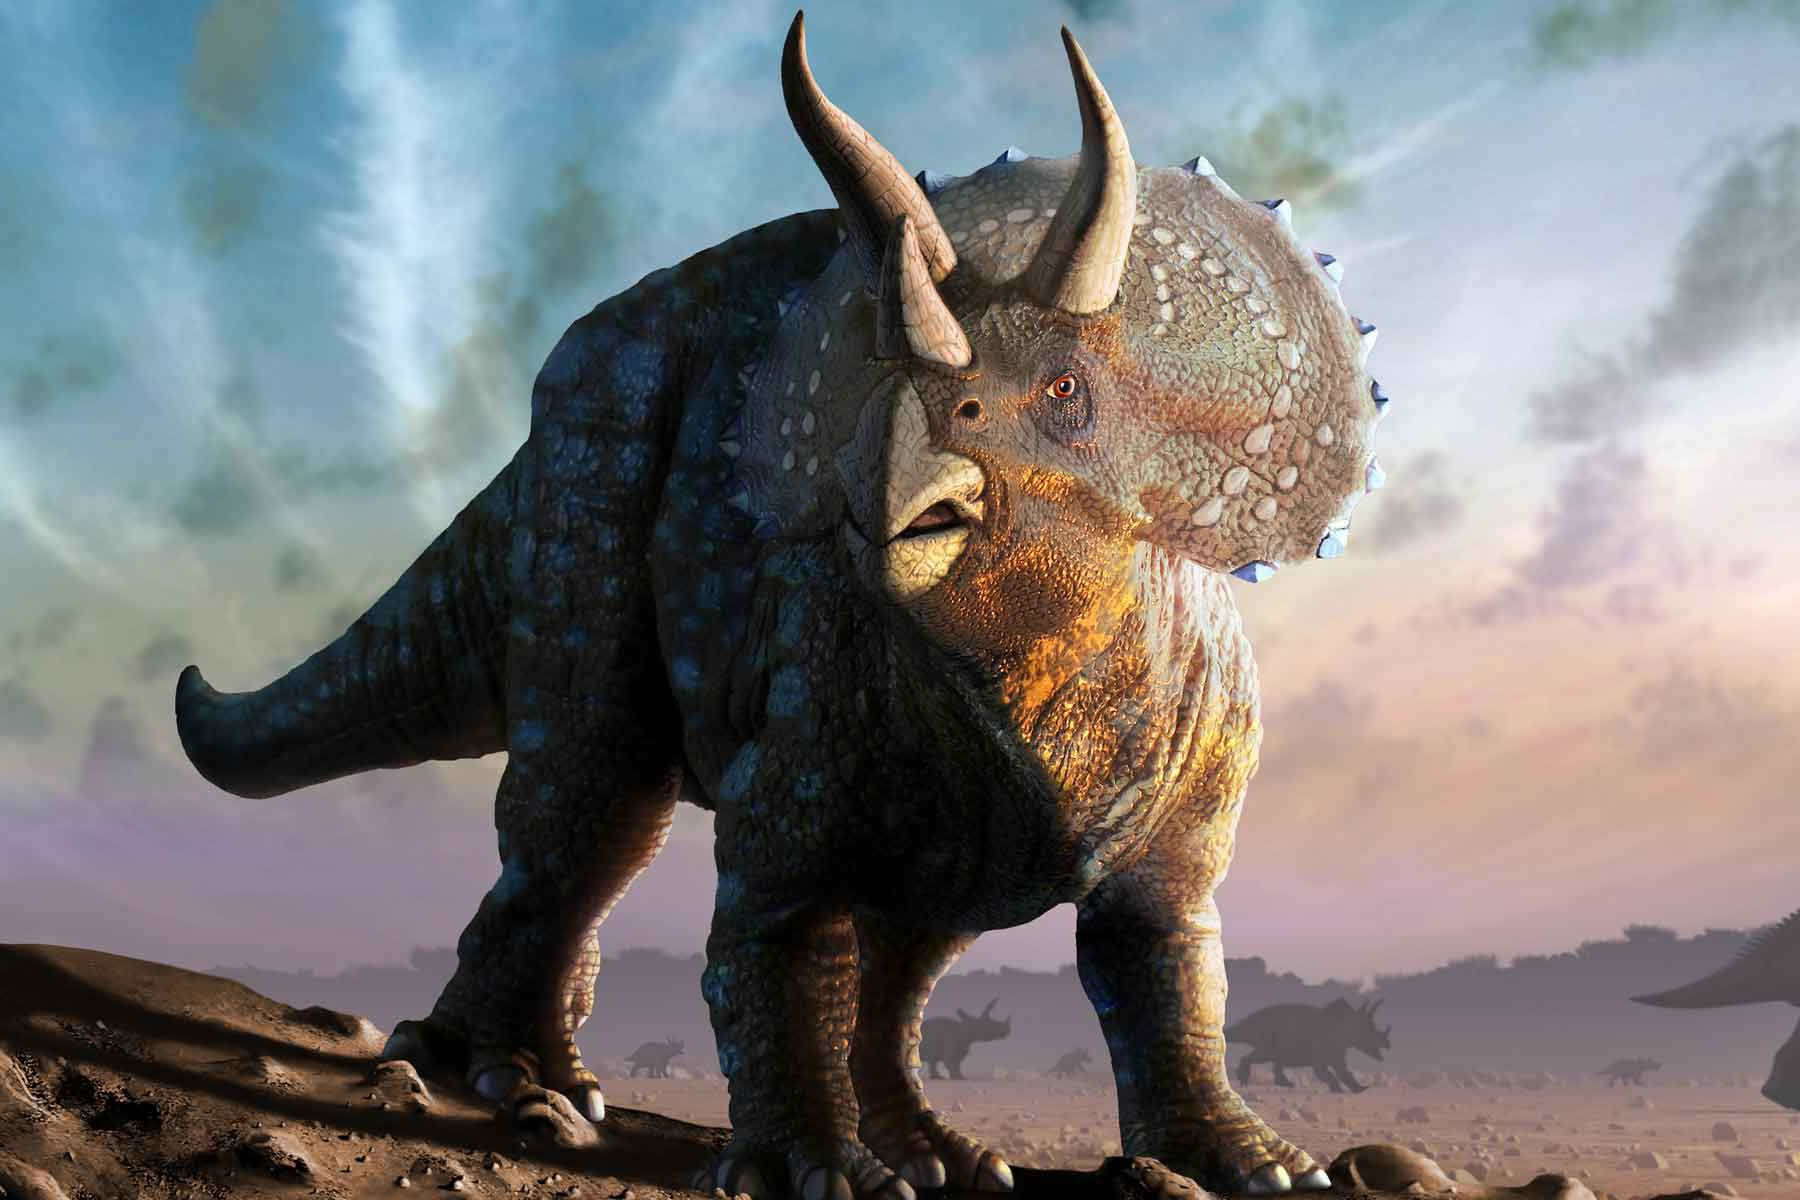 A Triceratops dinosaur.